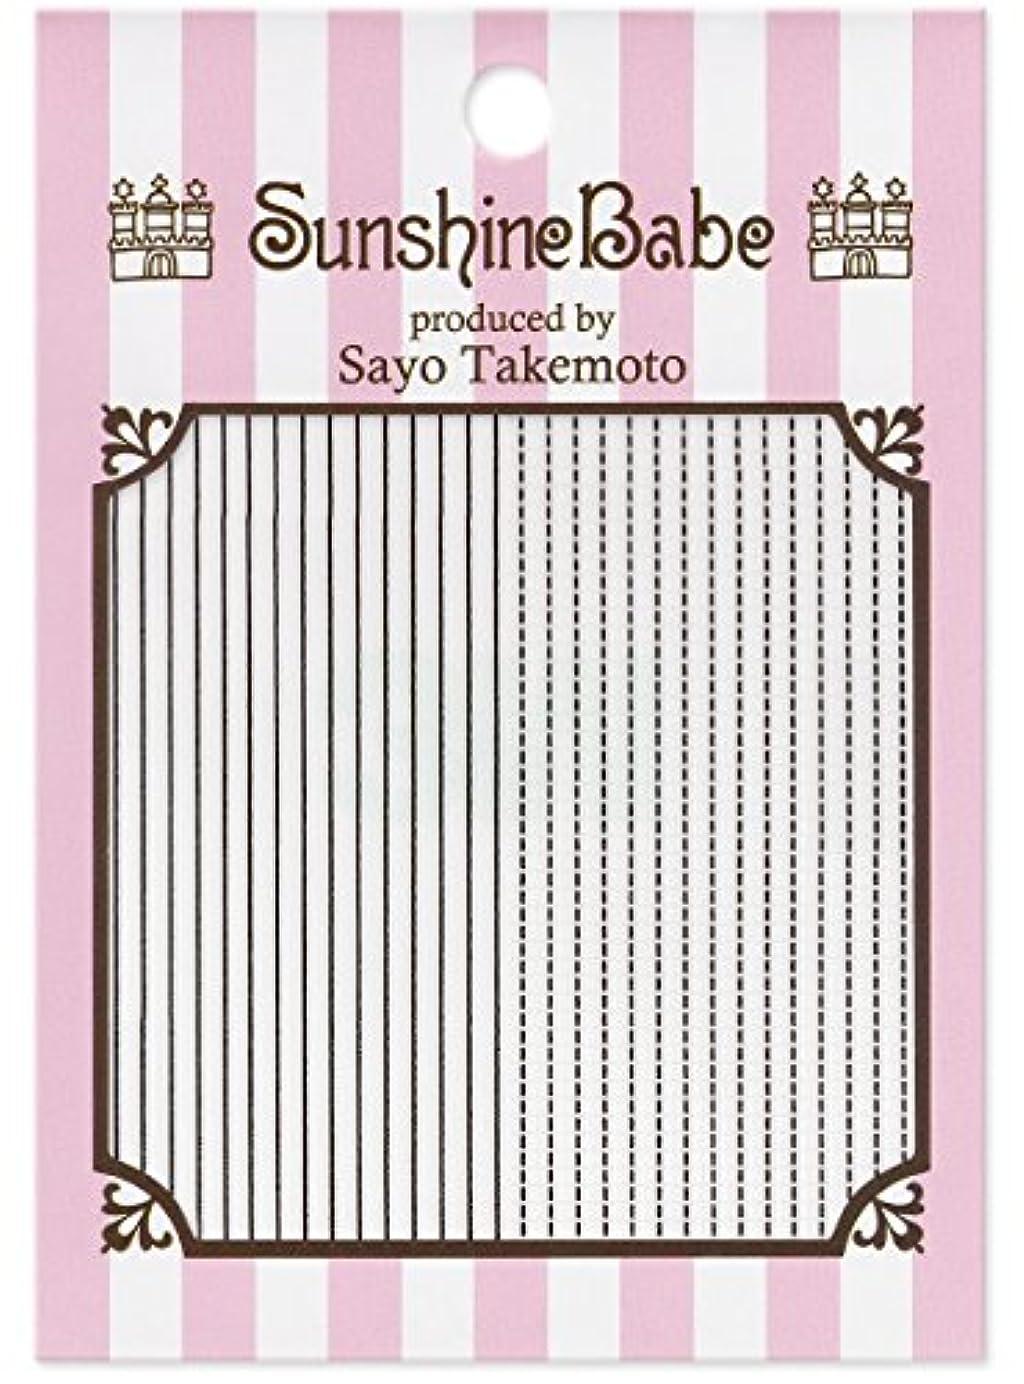 のホスト遵守するインスタントサンシャインベビー ジェルネイル 武本小夜のネイルシール Sayo Style ラインステッチ ブラック